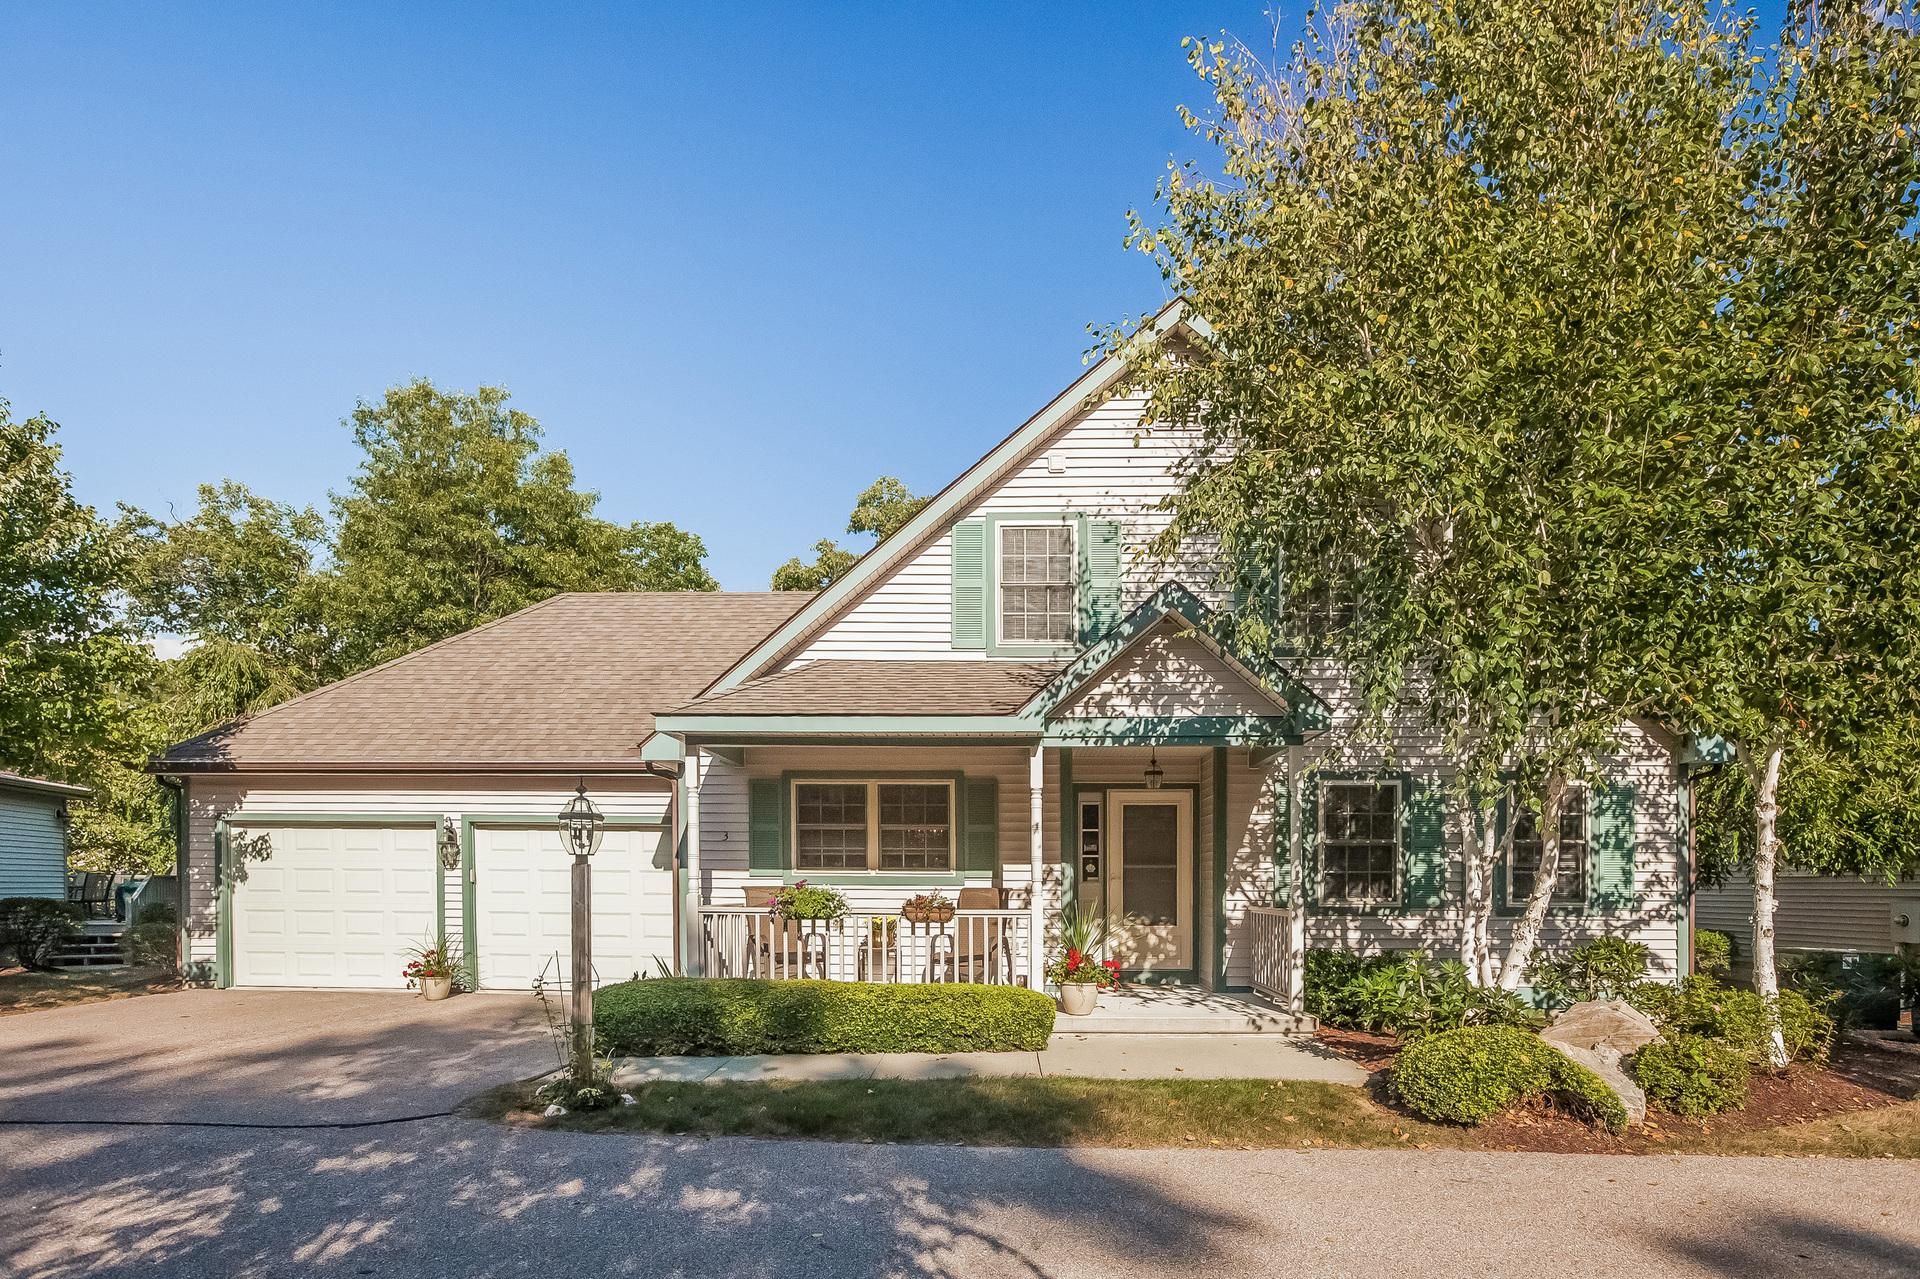 Eigentumswohnung für Verkauf beim Chapman Woods 3 Gardner Lane 52 East Lyme, Connecticut 06357 Vereinigte Staaten